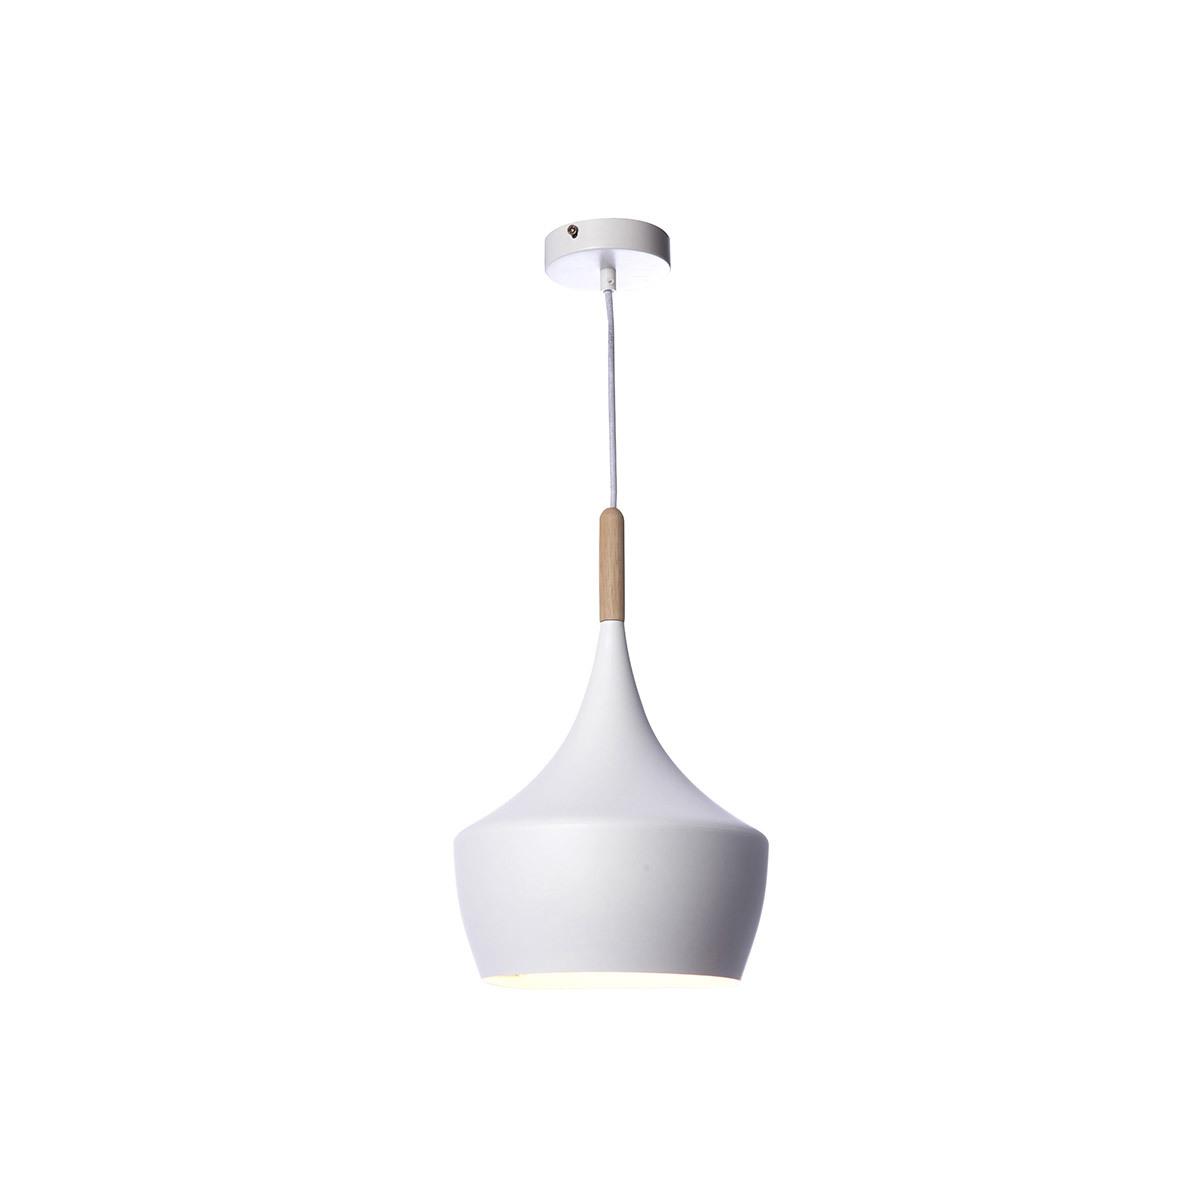 Lampadario in metallo Bianco e legno 24 cm JAVA